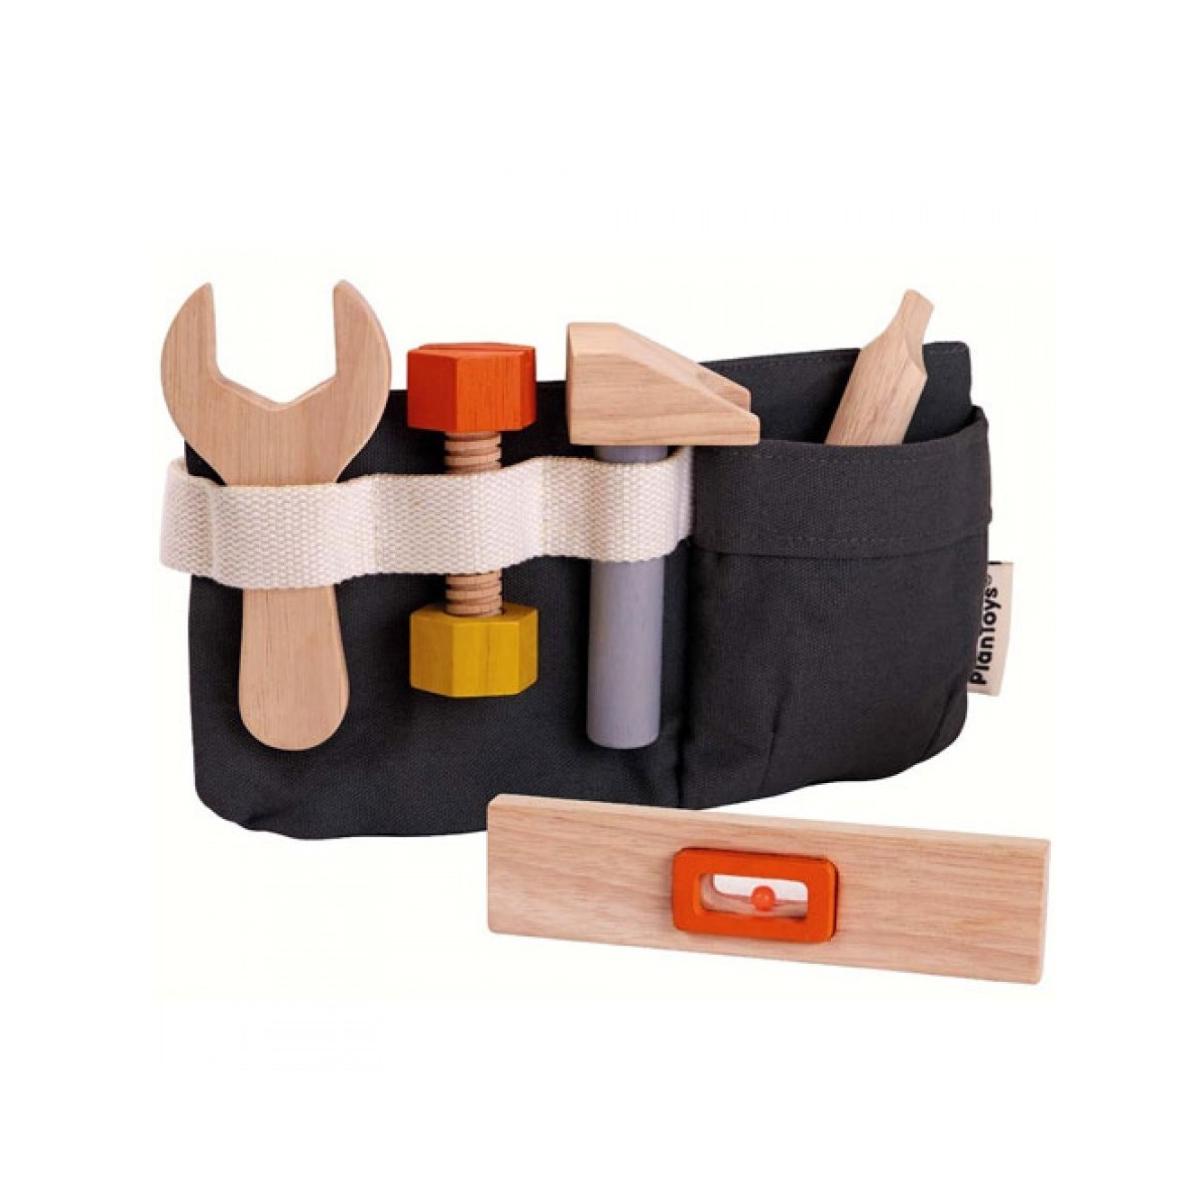 cinturon-de-herramientas-plantoys-en-el-mundo-de-mico2_3